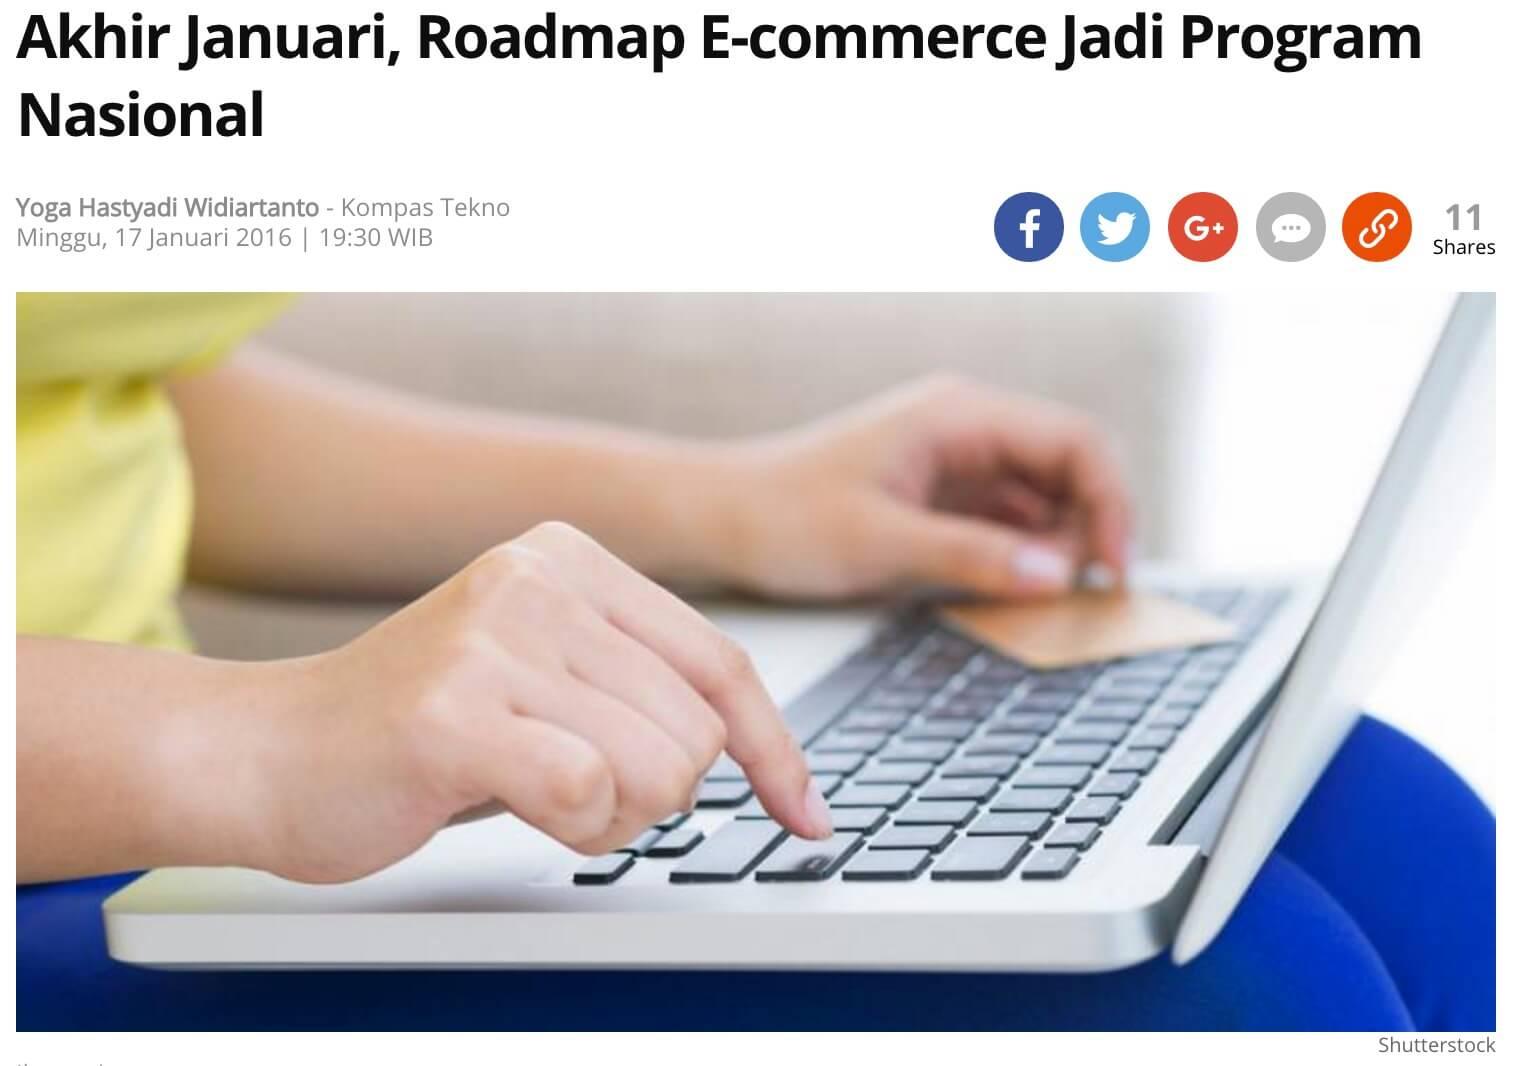 「1月下旬には、eコマースロードマップが国家計画に」と題するkompasの記事